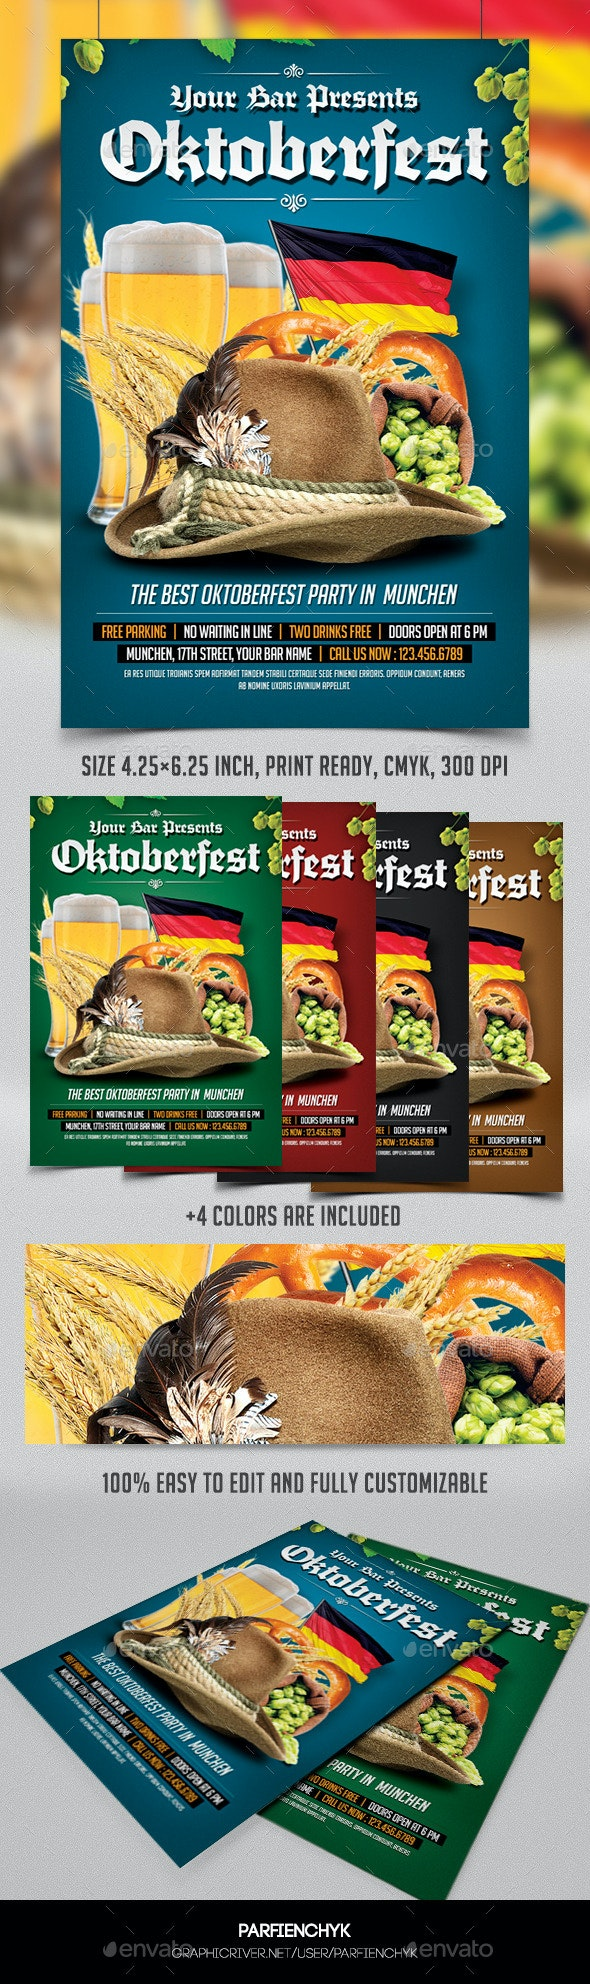 Oktoberfest Party Flyer Template - Events Flyers